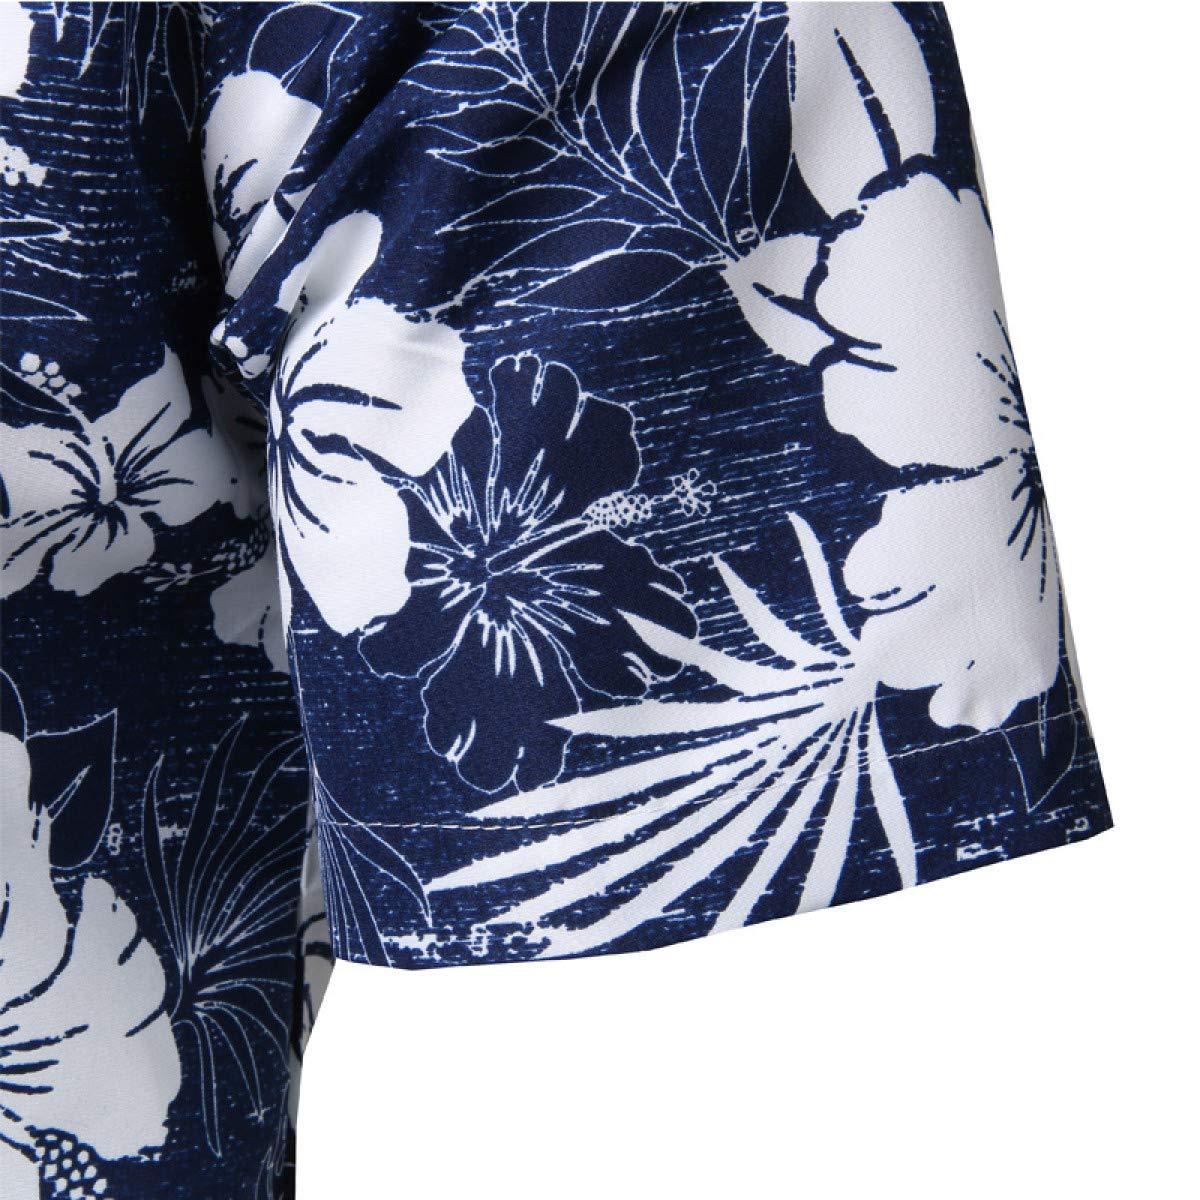 Aloha Shirt Men Mens Summer Short Sleeve Plus Size Floral Shirts Men Casual Holiday Vacation